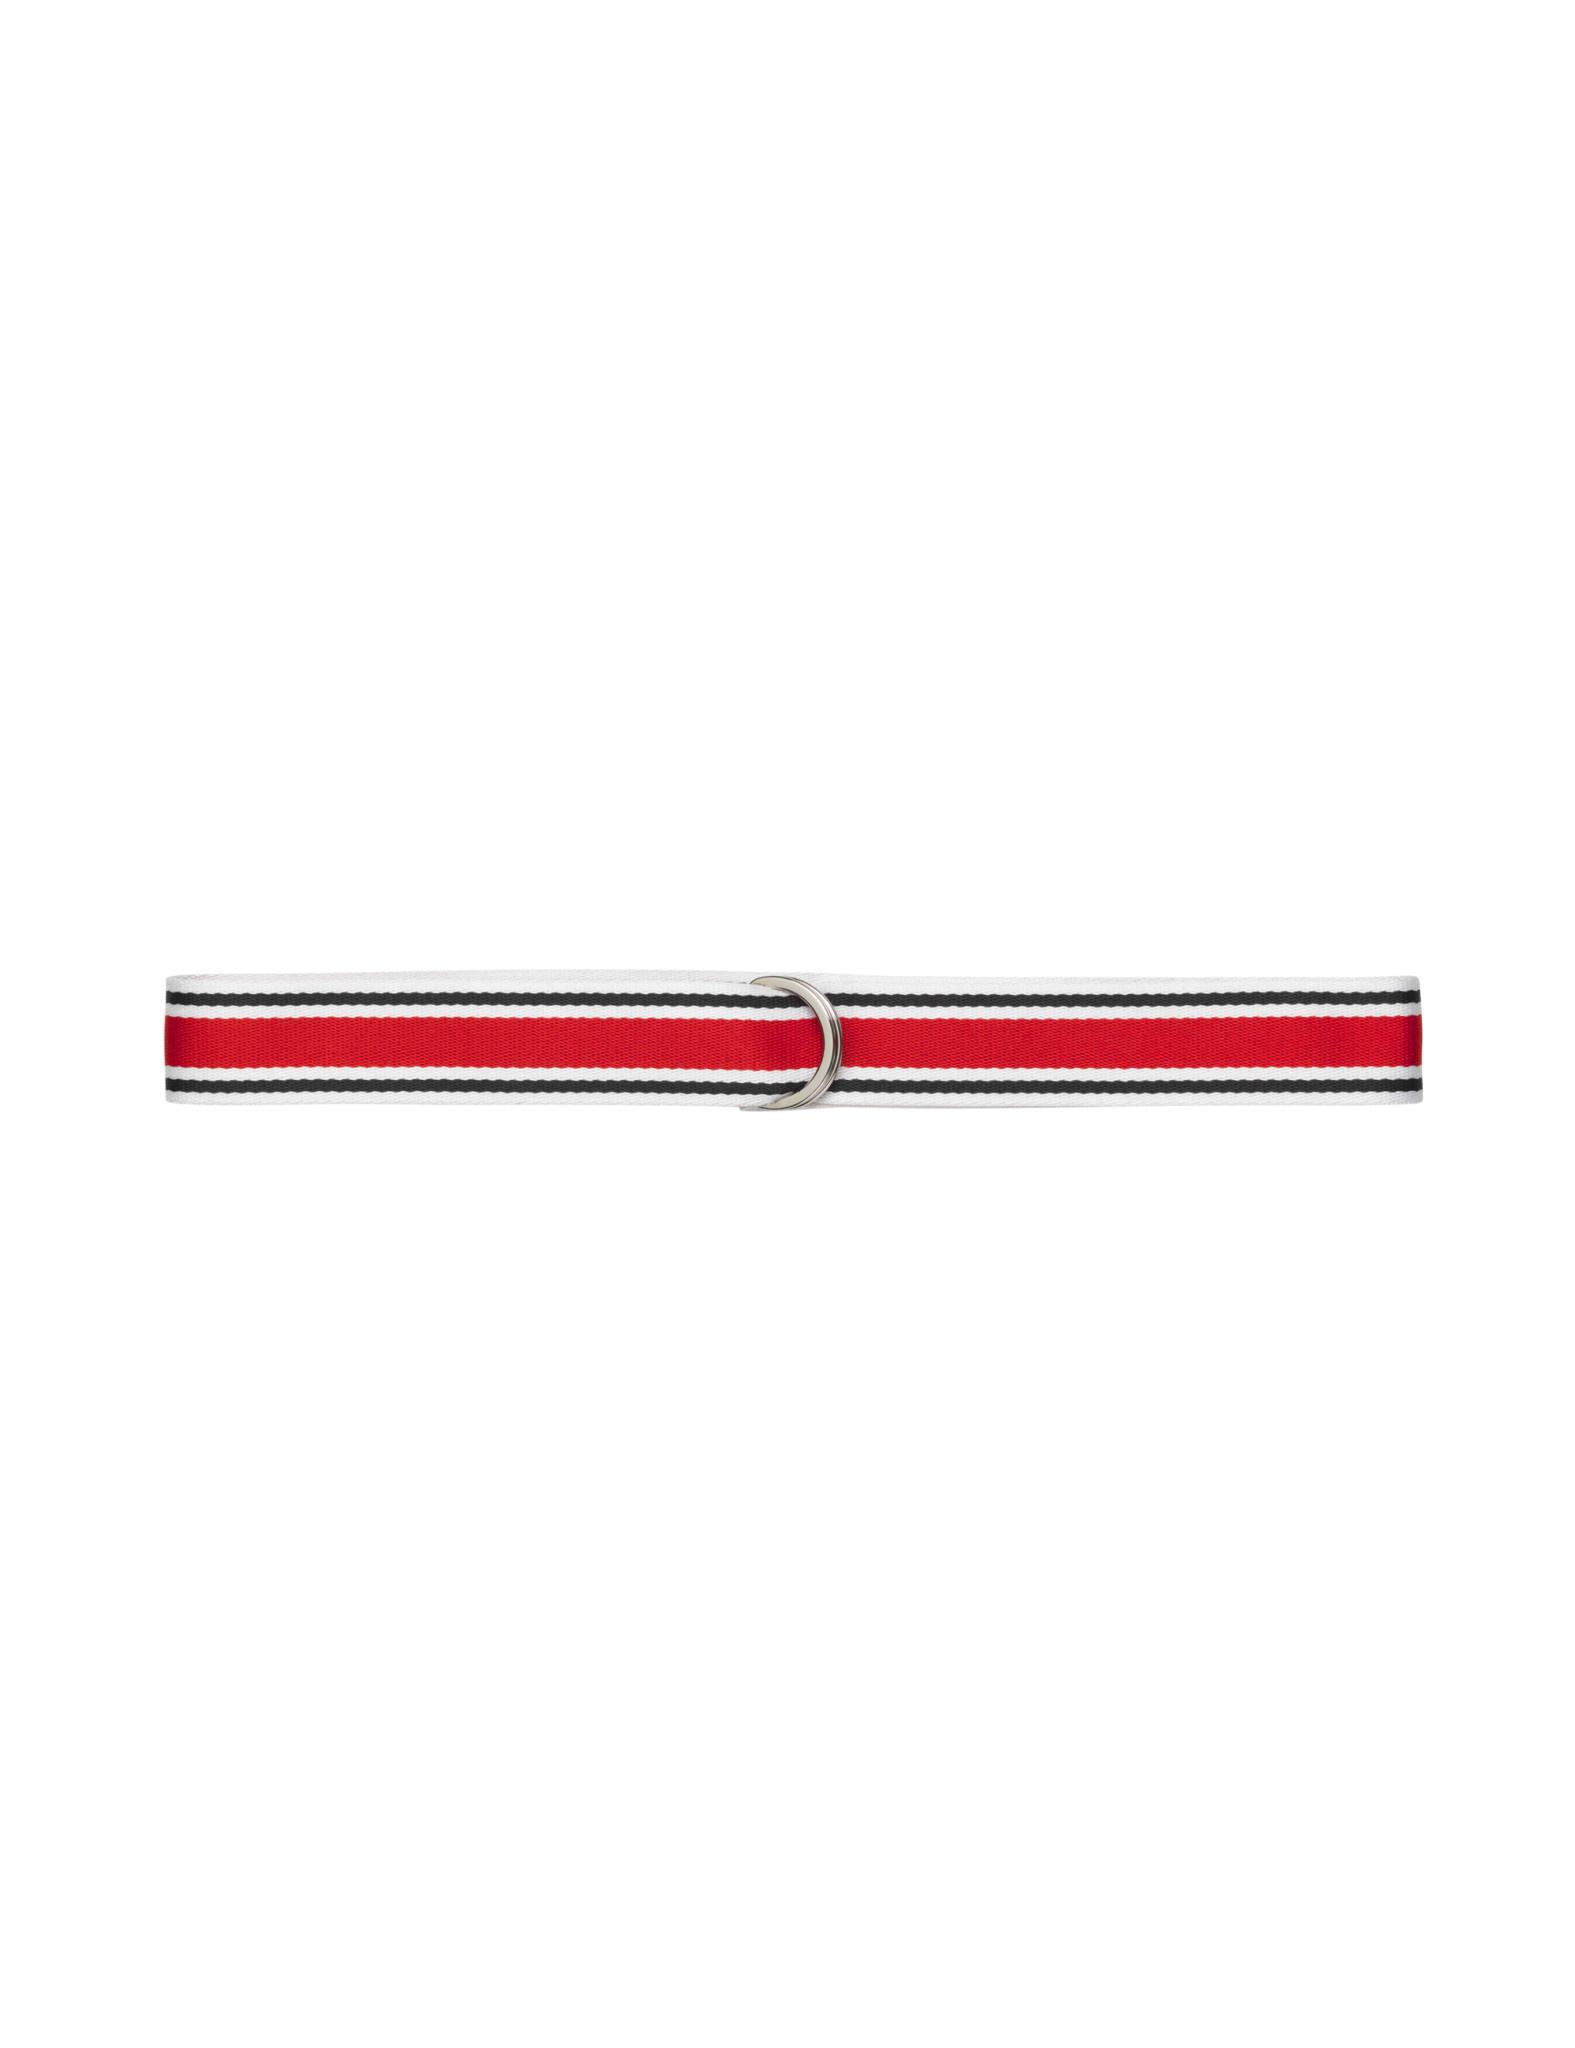 Regent Unisex Belt Red White Blue-1